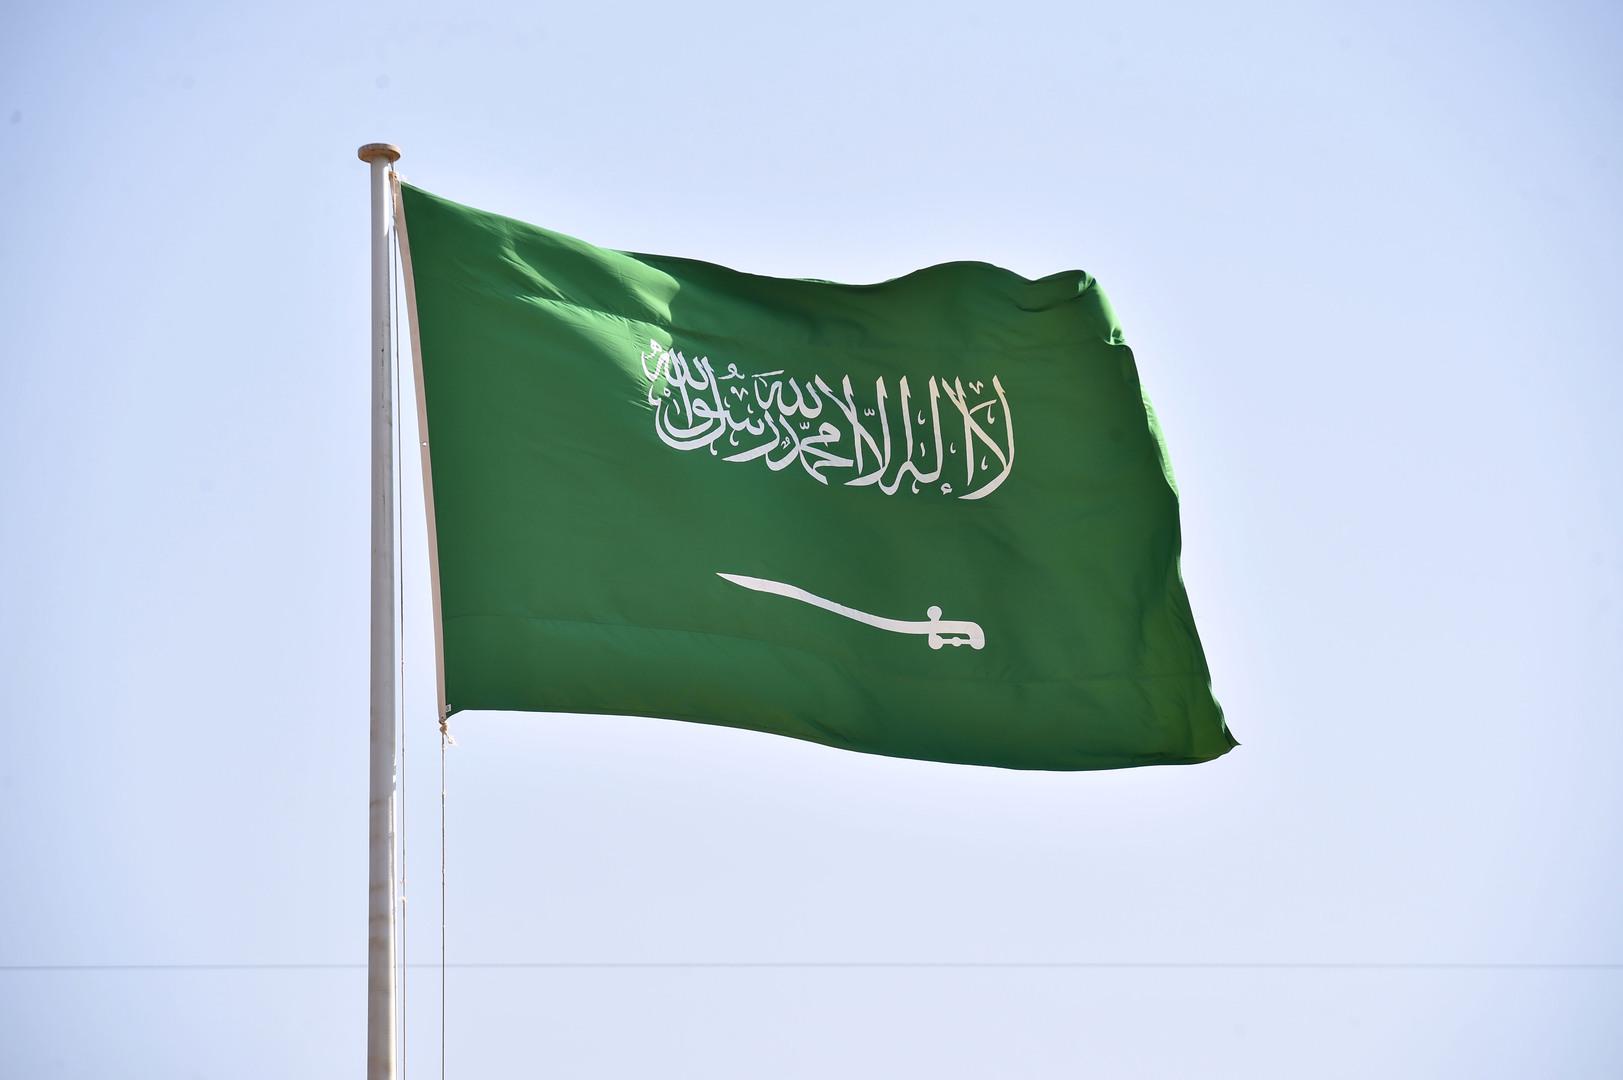 السعودية تجمع 5.5 مليار دولار من بيع سندات في شريحتين